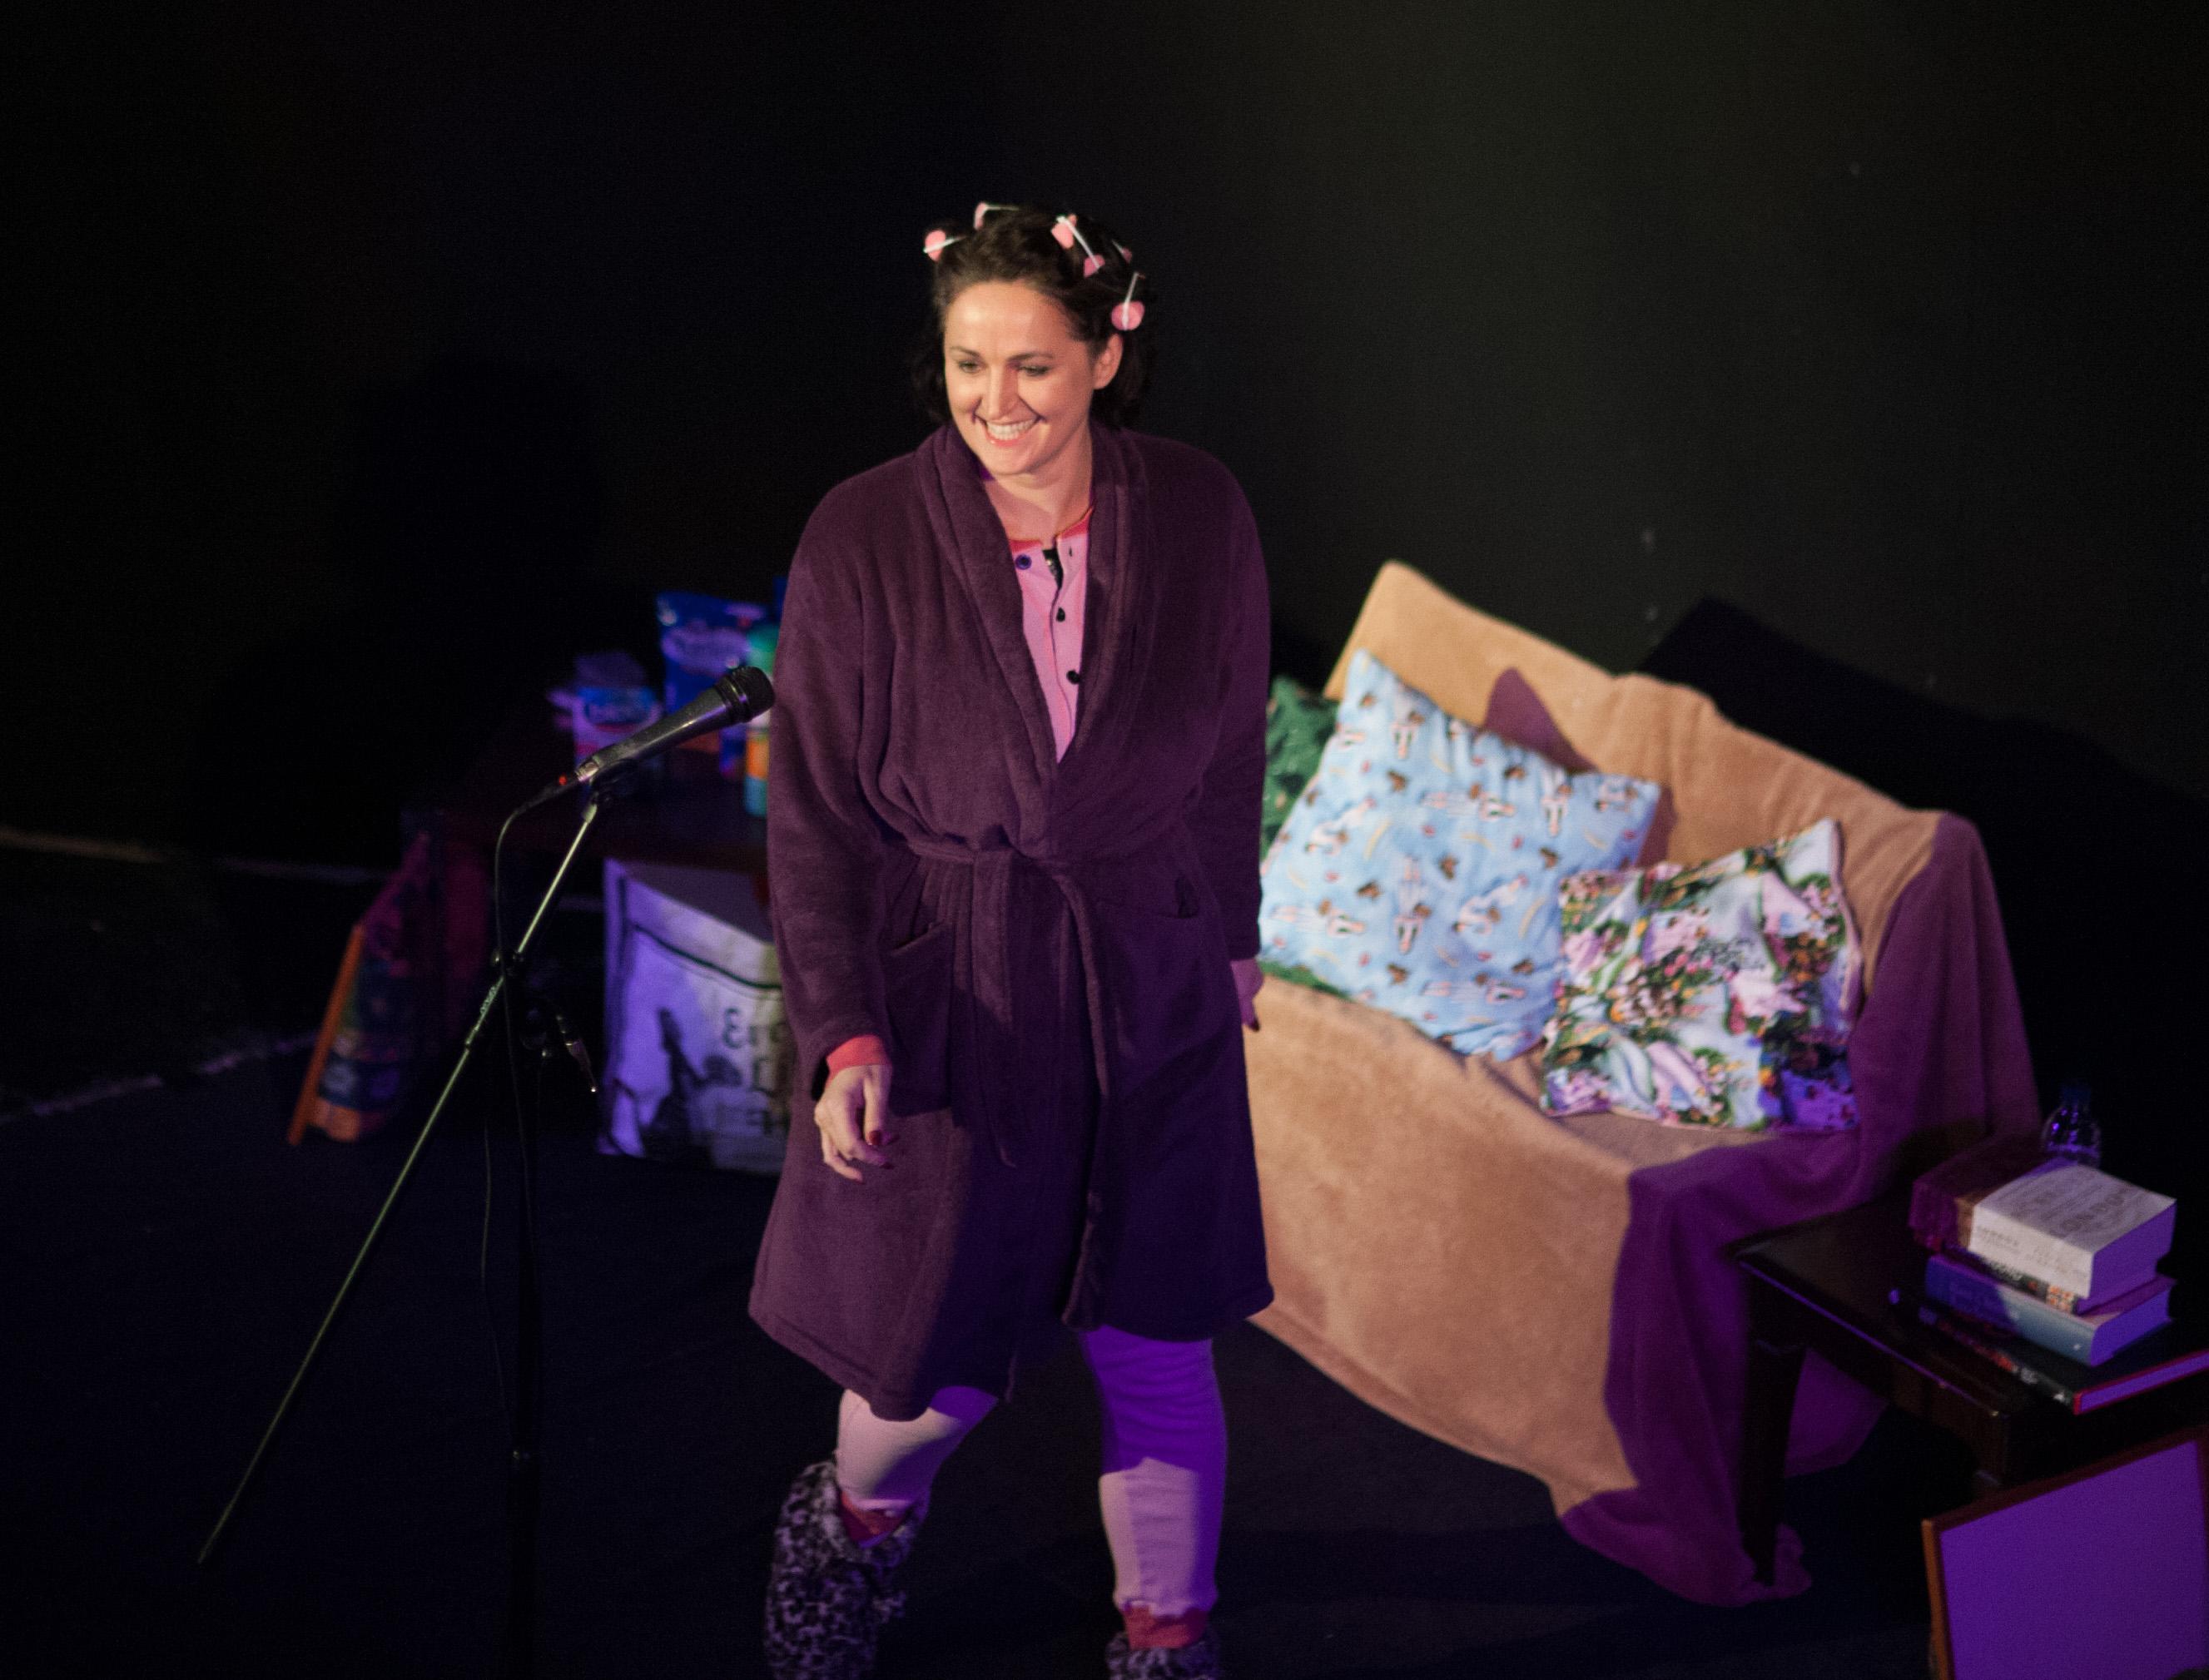 Suburbaret 1: Celia Delaney